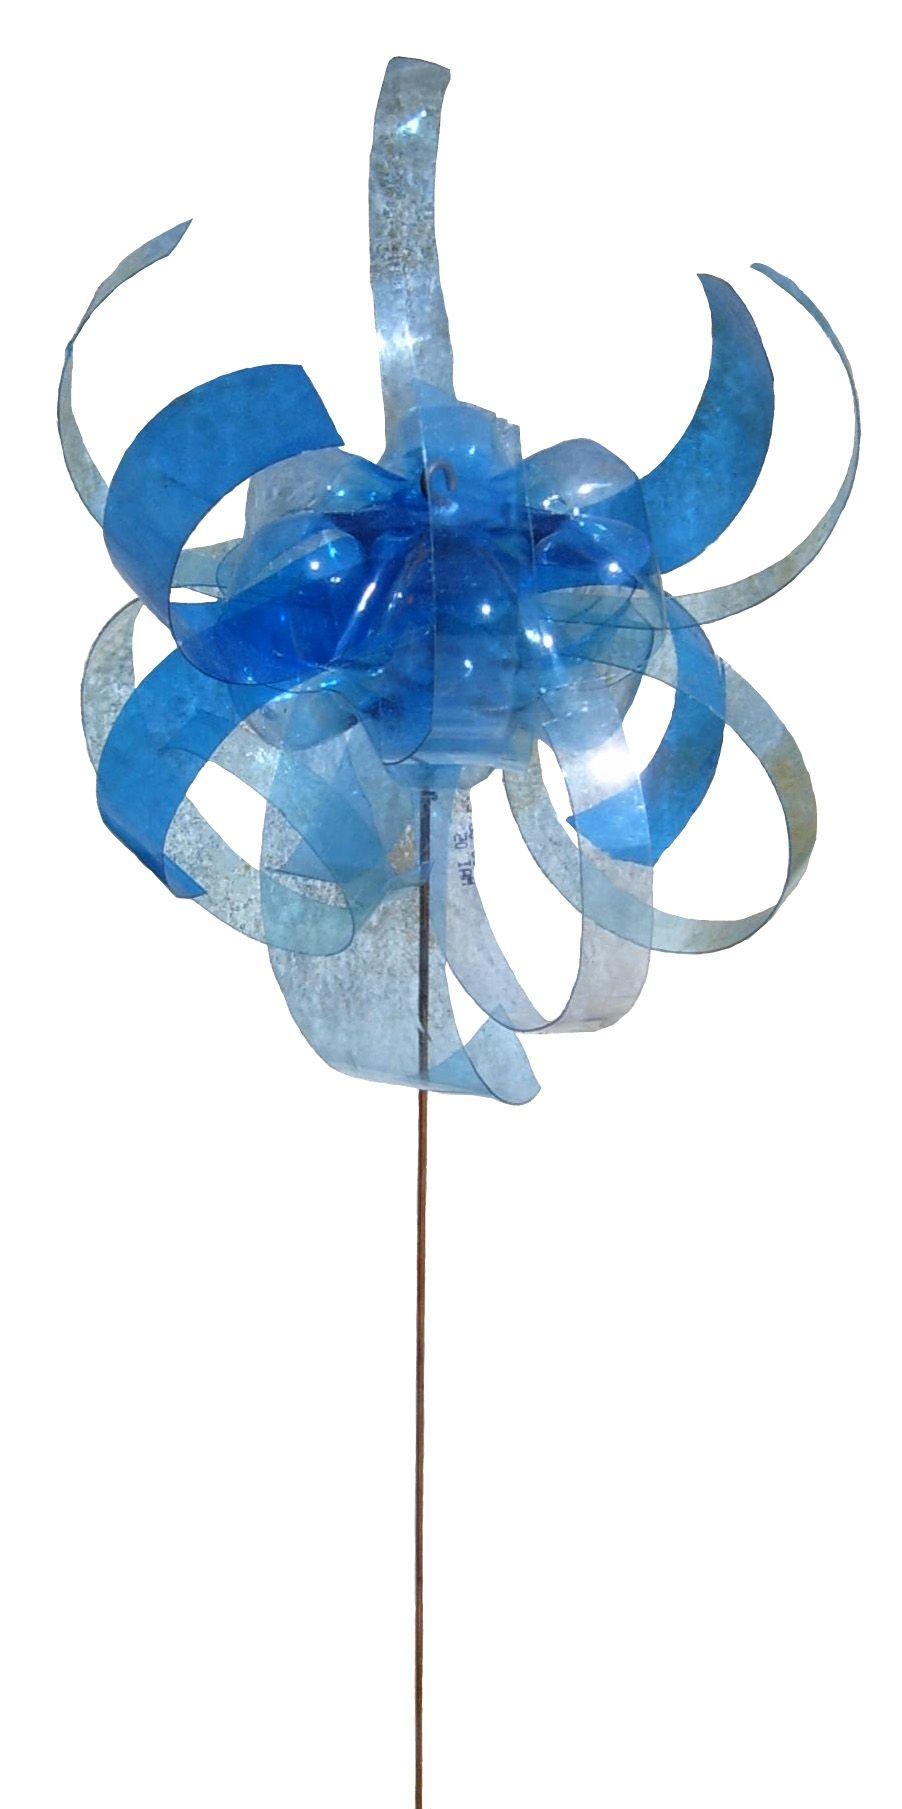 Déchets plastique Valorisation PET - Fleur bouteille en plastique bleue - Objet Art Création Recyclage récupération